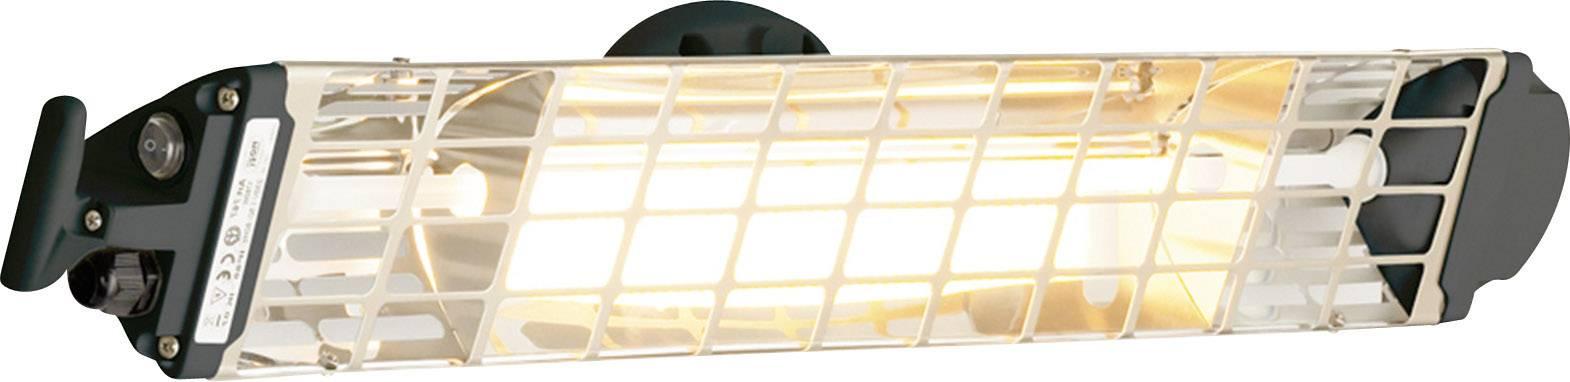 Halogenový infrazářič Moel Fiore 1800, IP65, 1800 W, černá